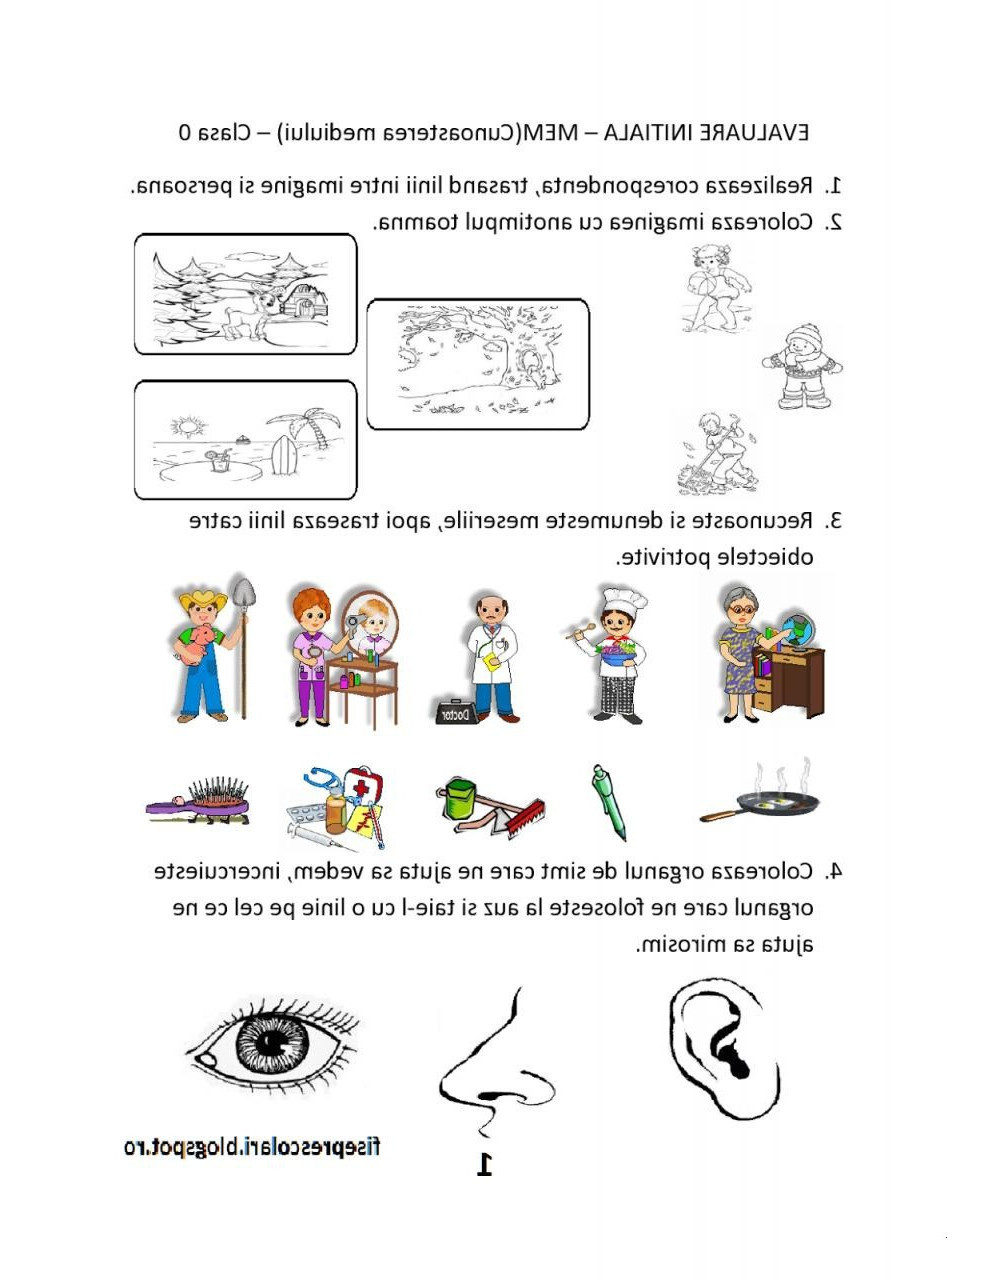 Malvorlagen Anna Und Elsa Inspirierend 35 Fantastisch Ausmalbilder Elsa Und Anna – Malvorlagen Ideen Stock